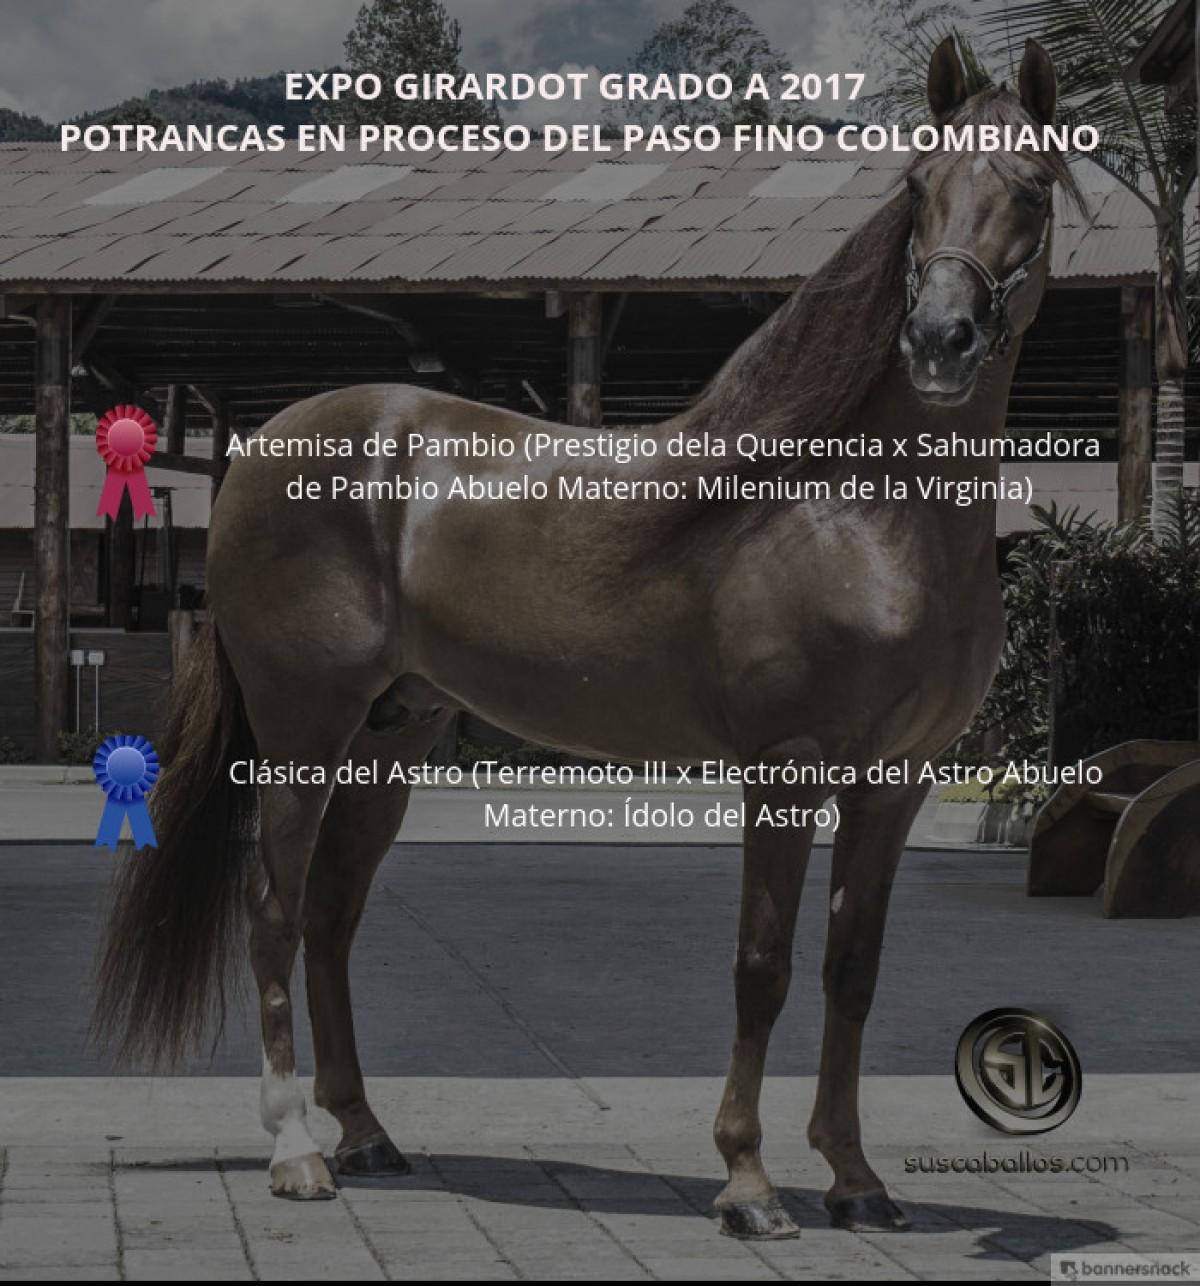 VÍDEO: Artemisa Mejor, Clásica 1P, Potrancas Del Paso Fino, Expo Girardot 2017